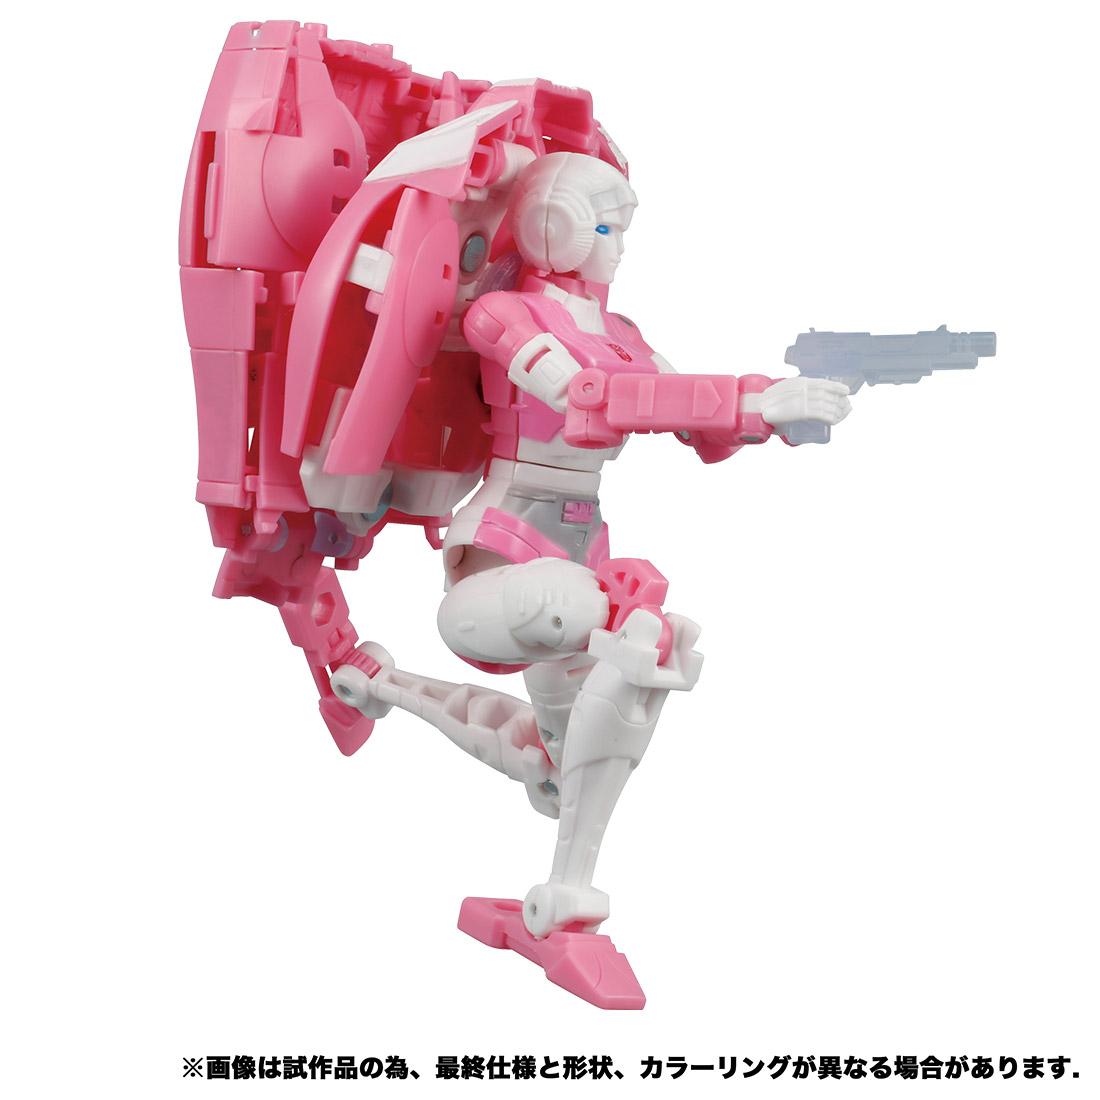 トランスフォーマー アースライズ『ER-09 アーシー』可変可動フィギュア-003